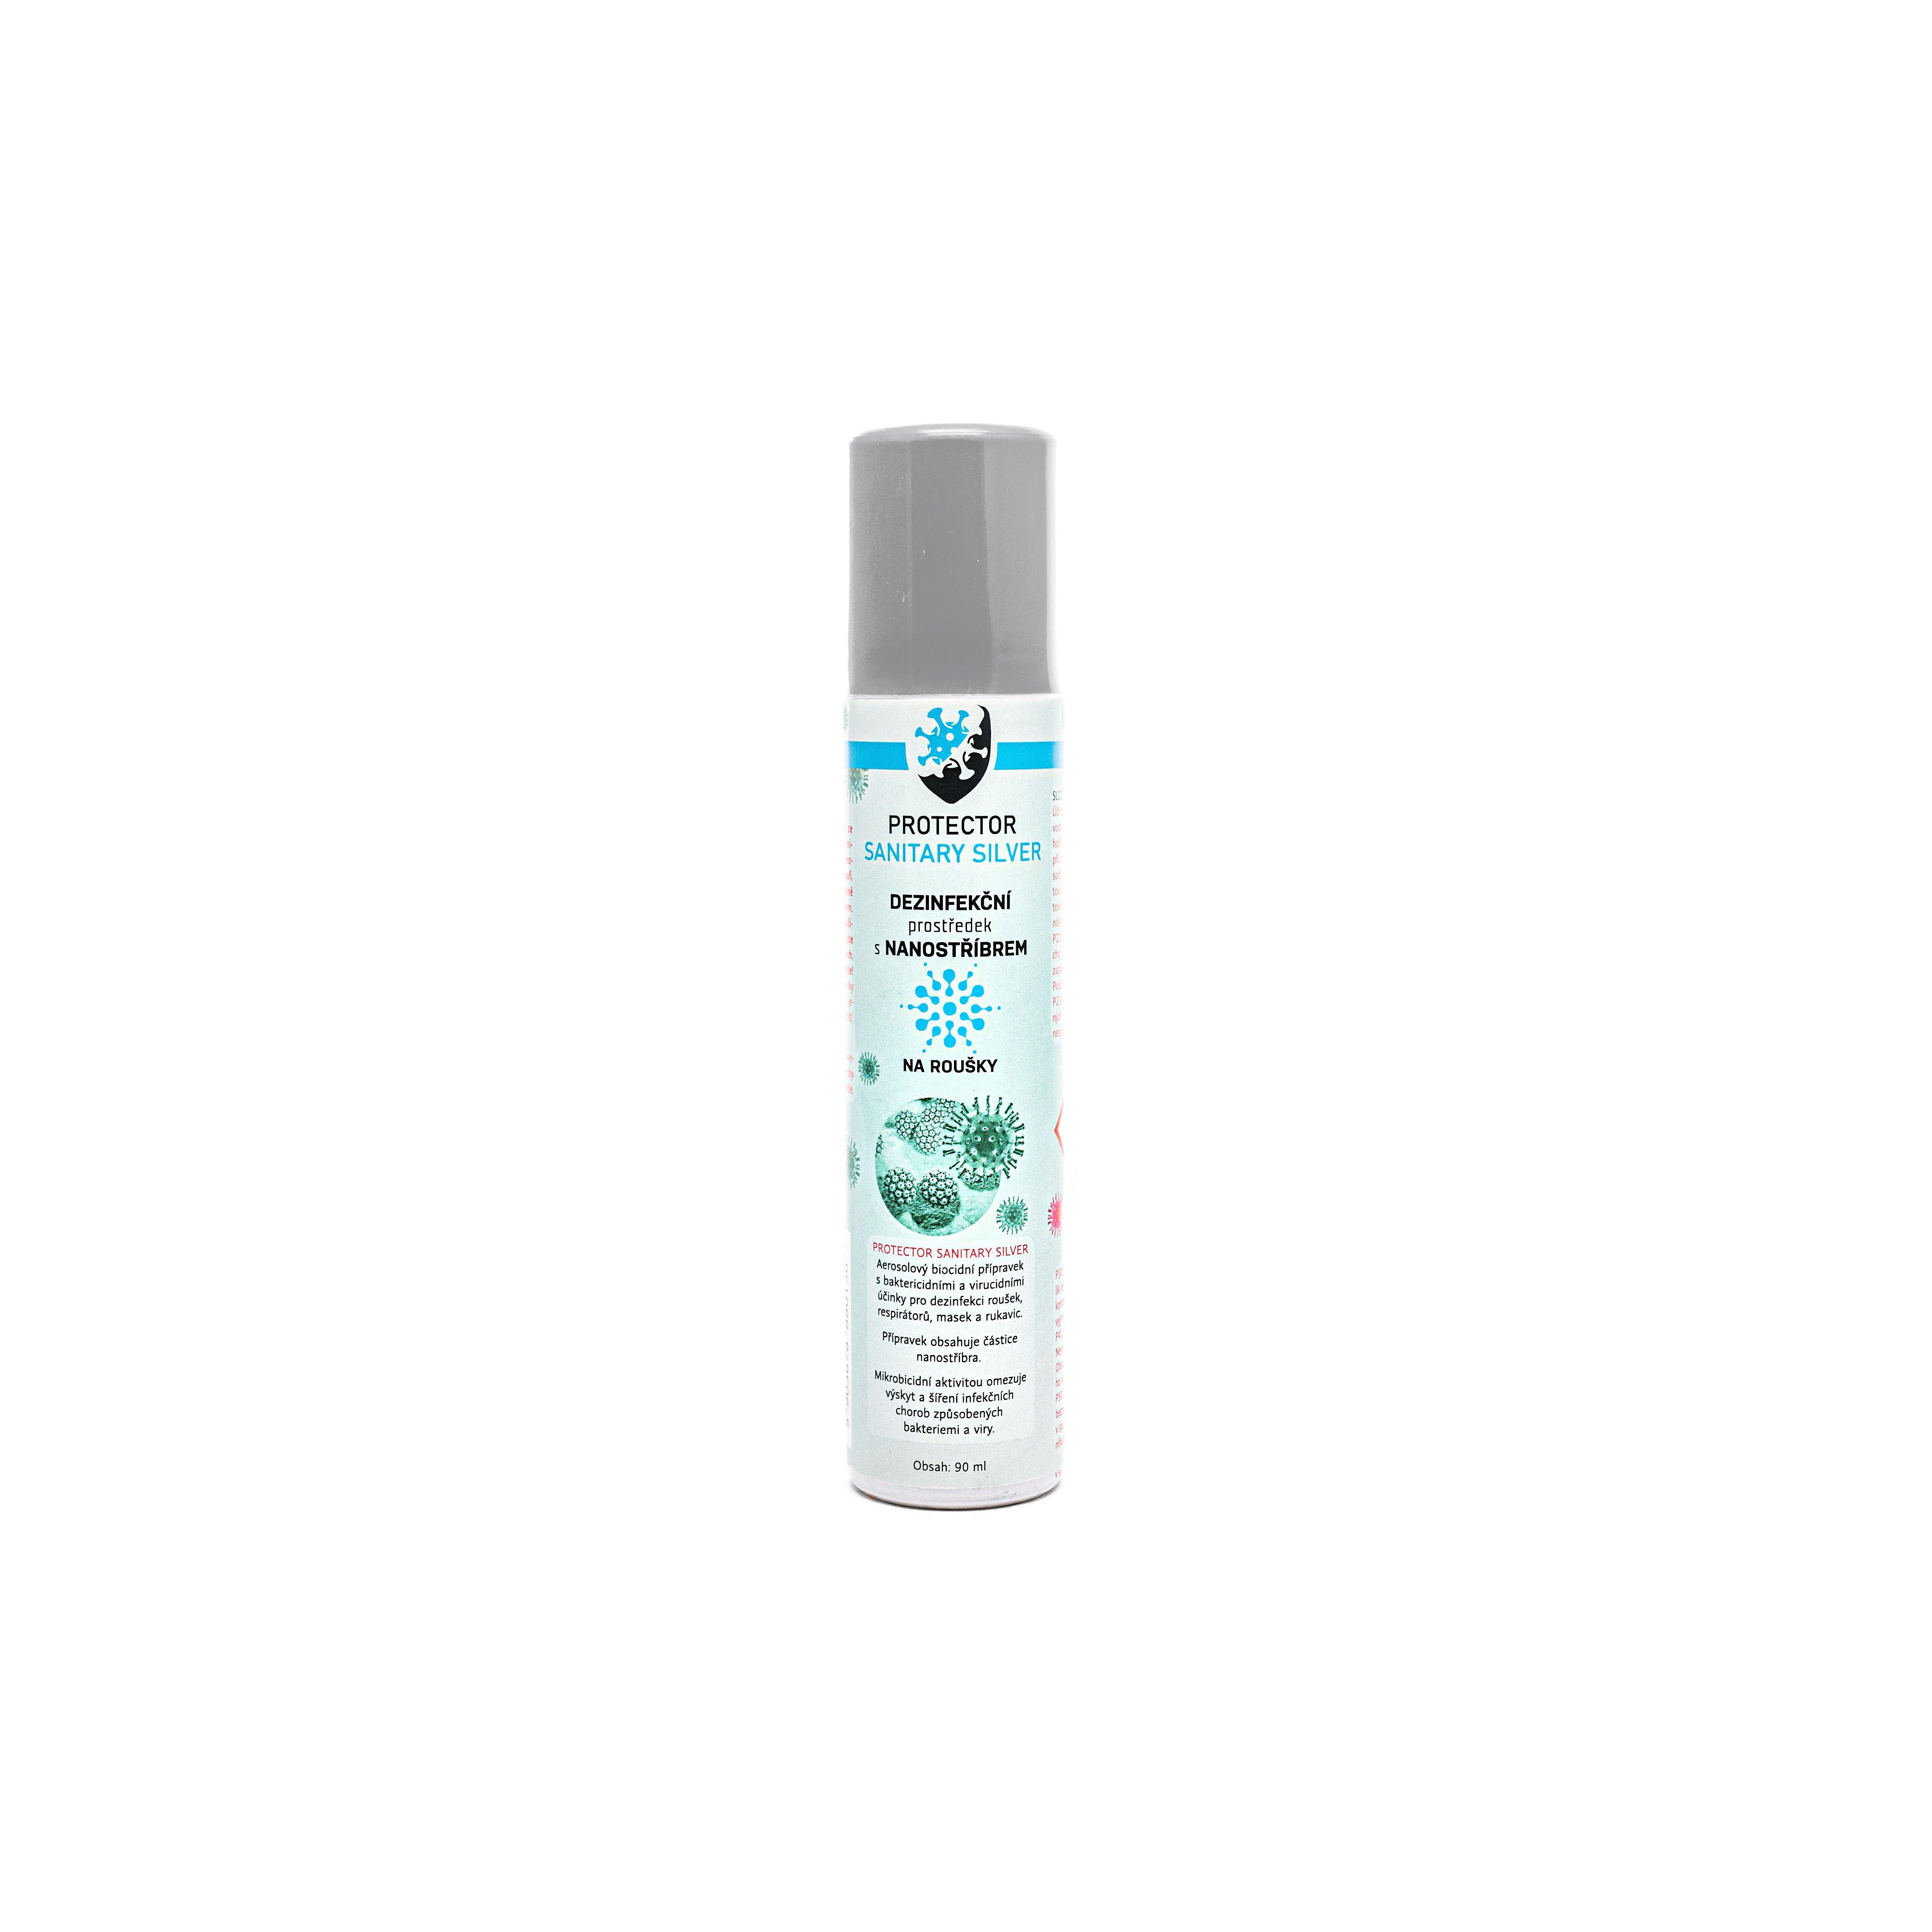 Protector Sanitary Silver Dezinfekční aerosol s nanostříbrem na roušky 90ml